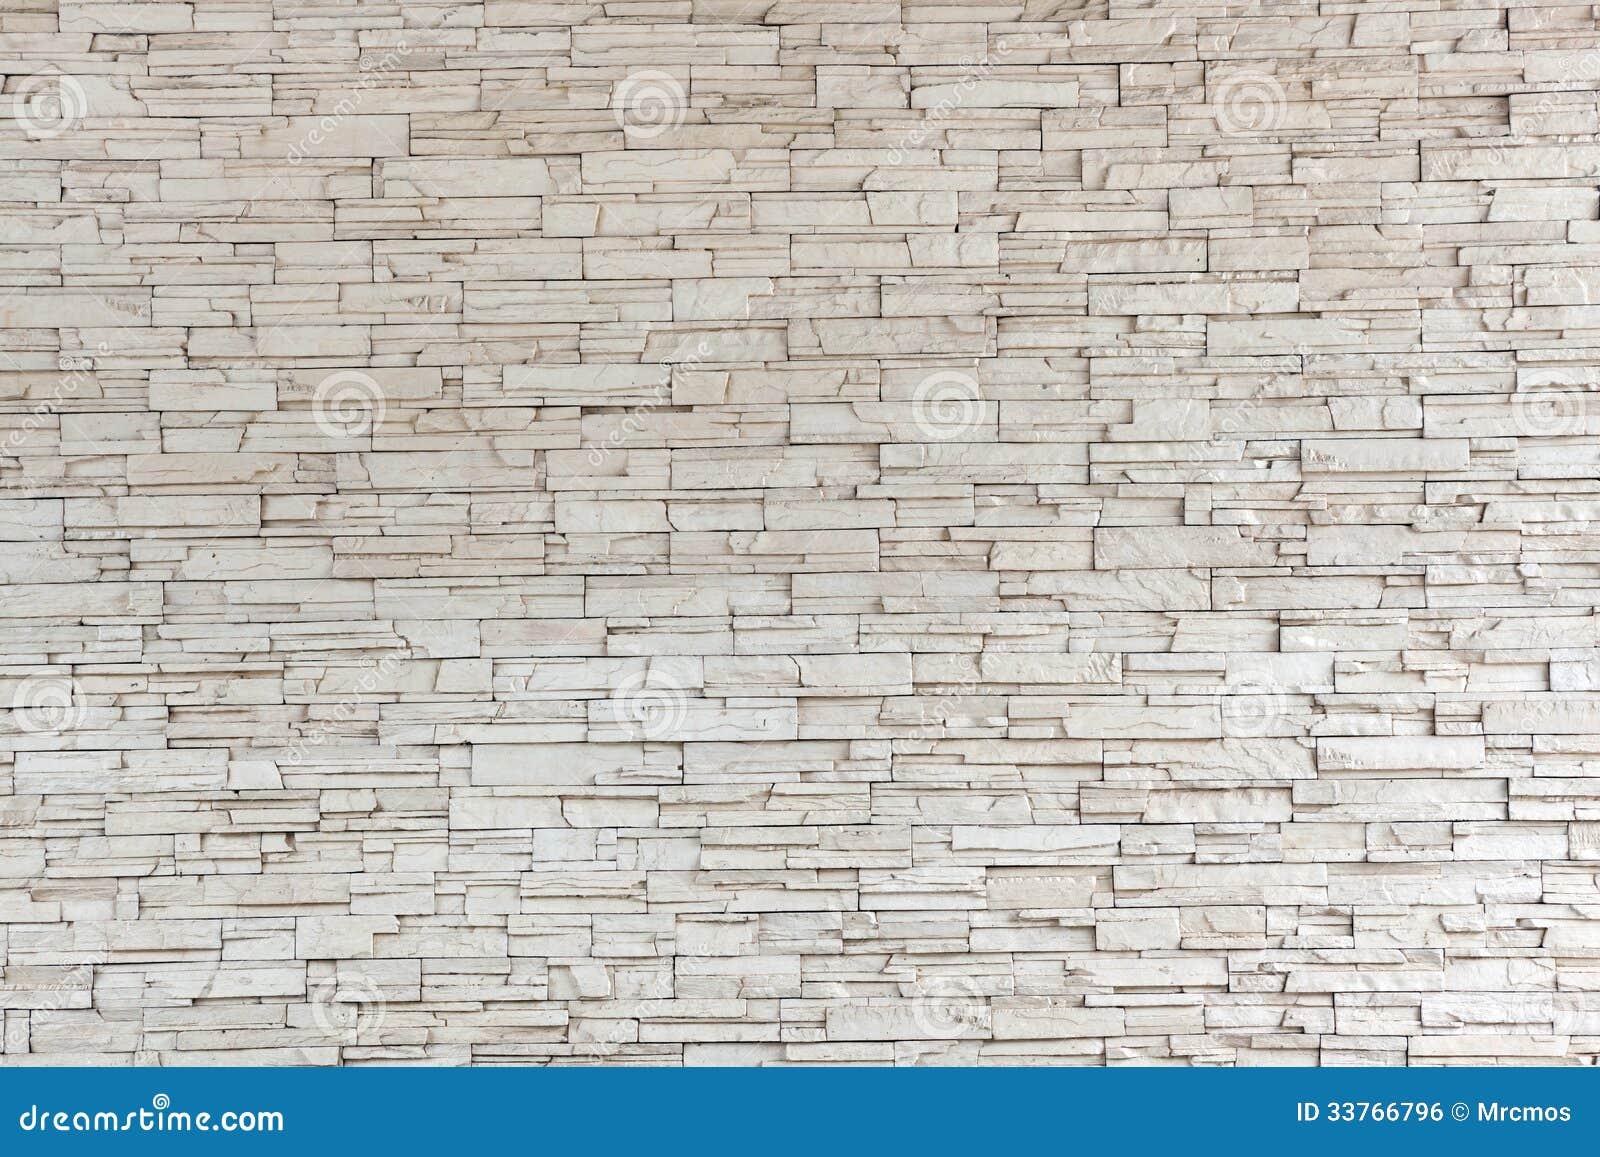 Pared de ladrillo de piedra blanca de la textura de la teja - Ladrillos de piedra ...